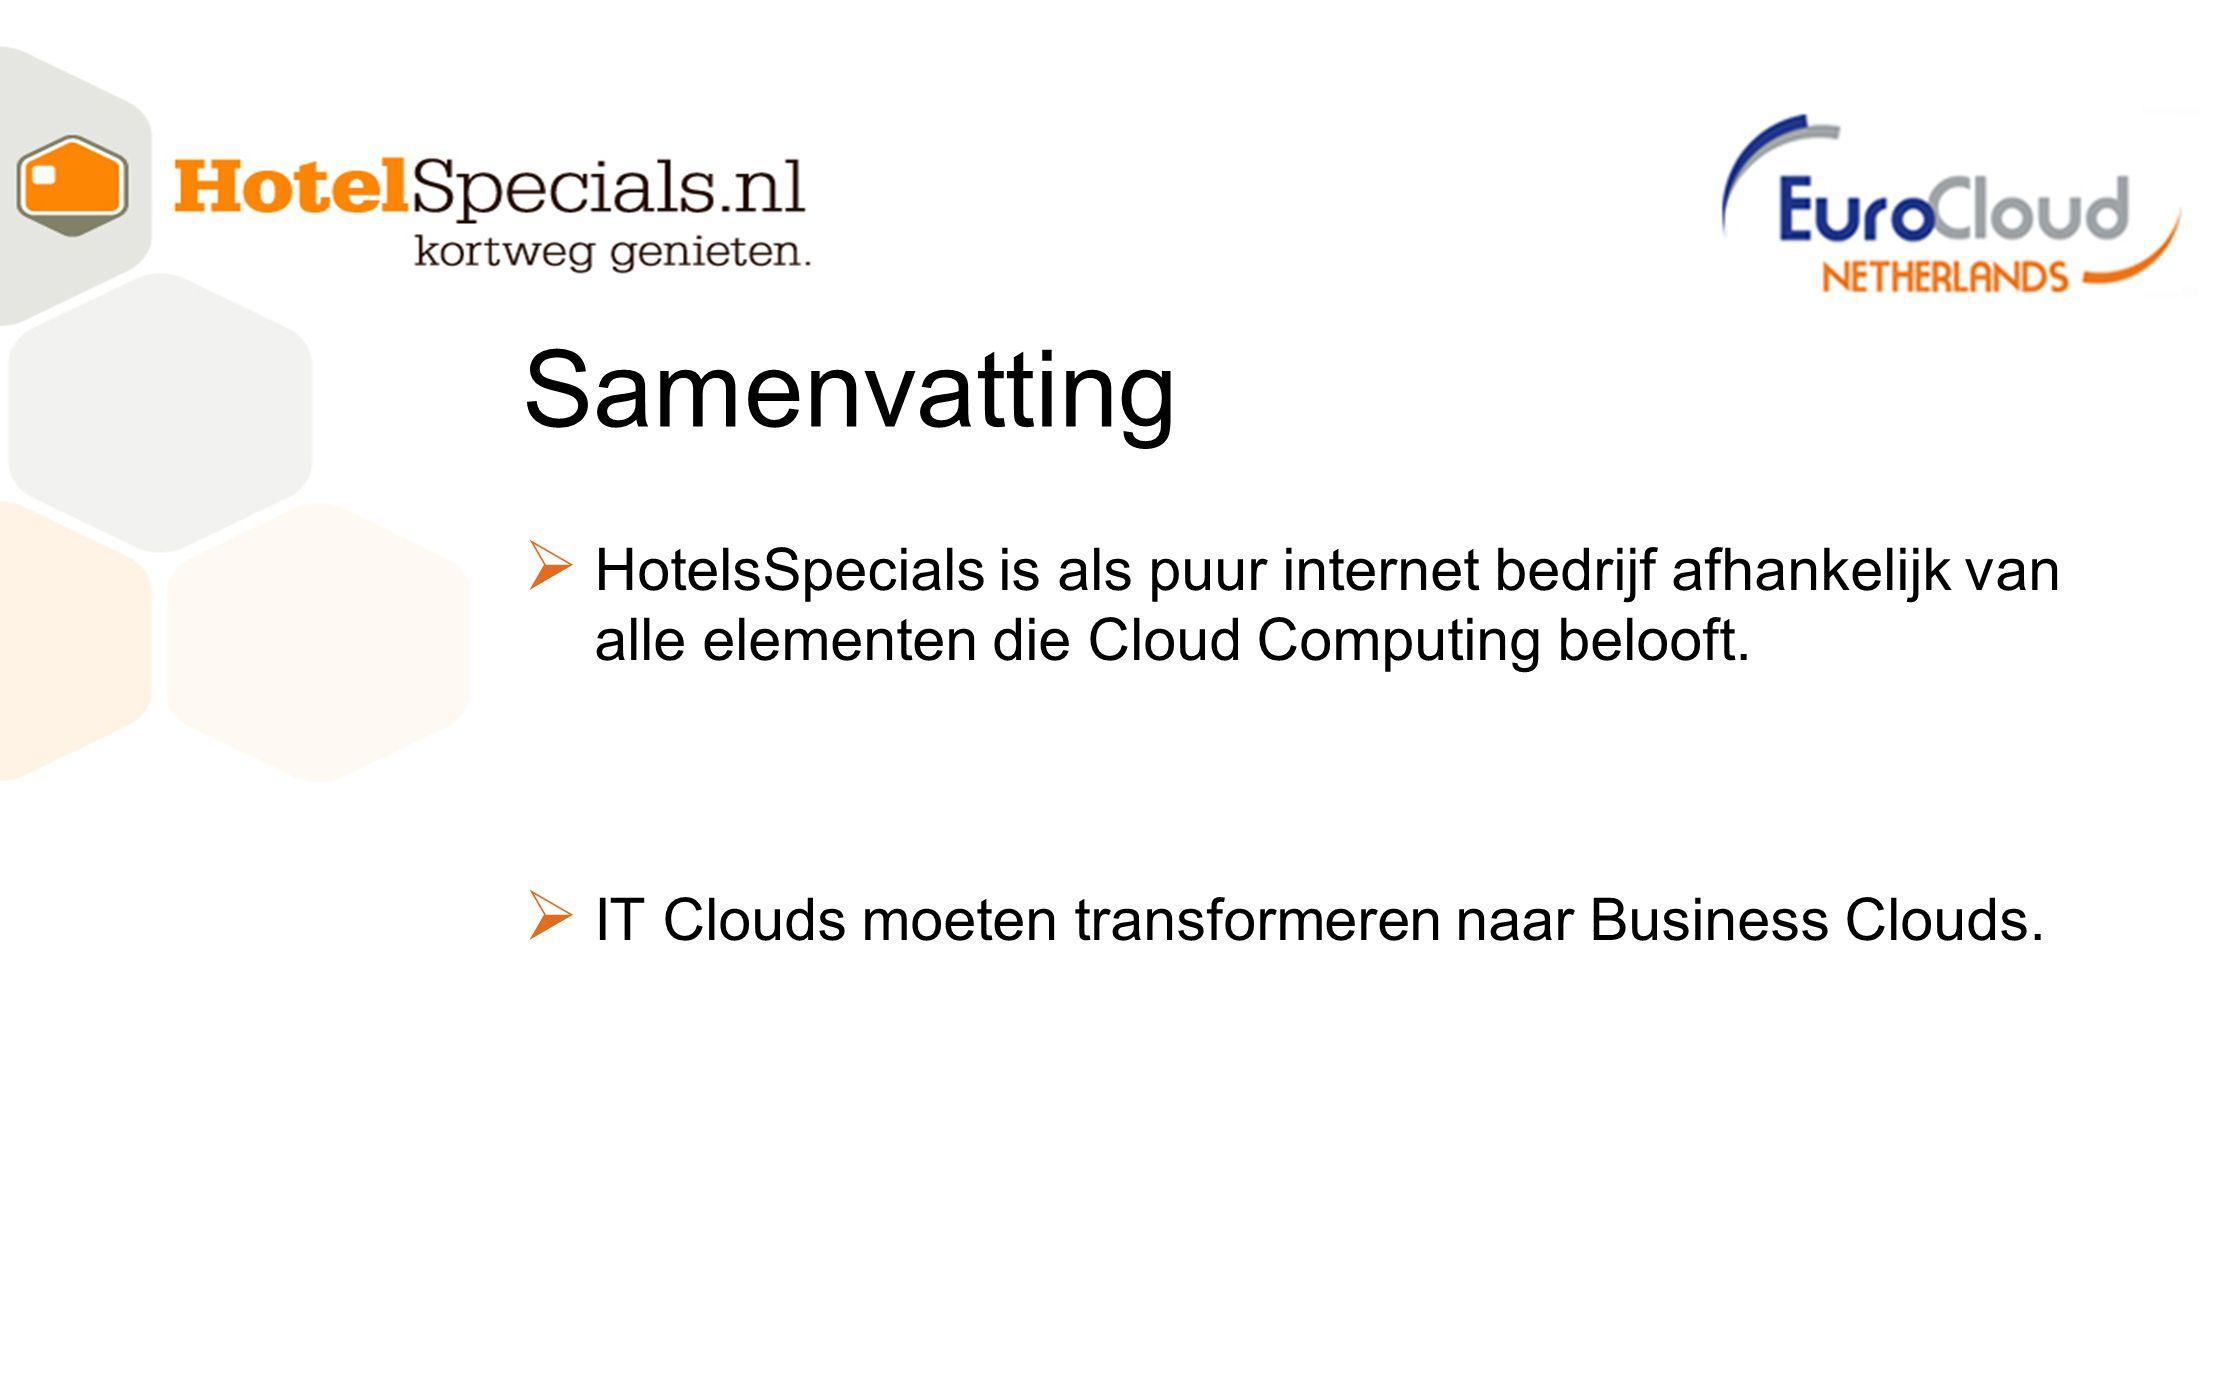 Samenvatting HotelsSpecials is als puur internet bedrijf afhankelijk van alle elementen die Cloud Computing belooft.